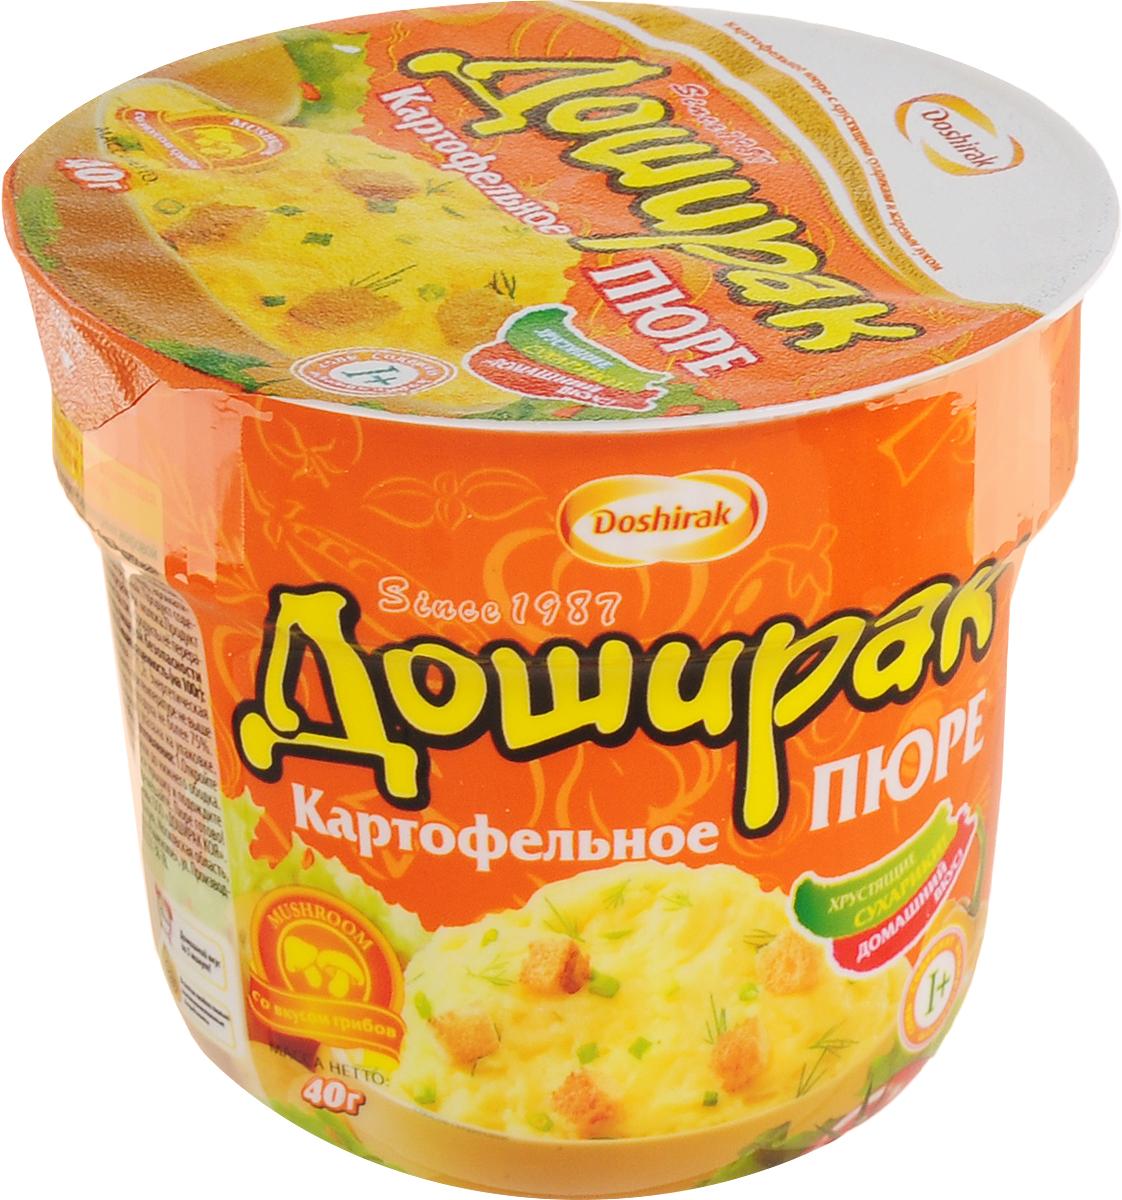 Doshirak пюре картофельное быстрого приготовления со вкусом грибов, в стакане, 40 г удобрение ому картофельное 5кг